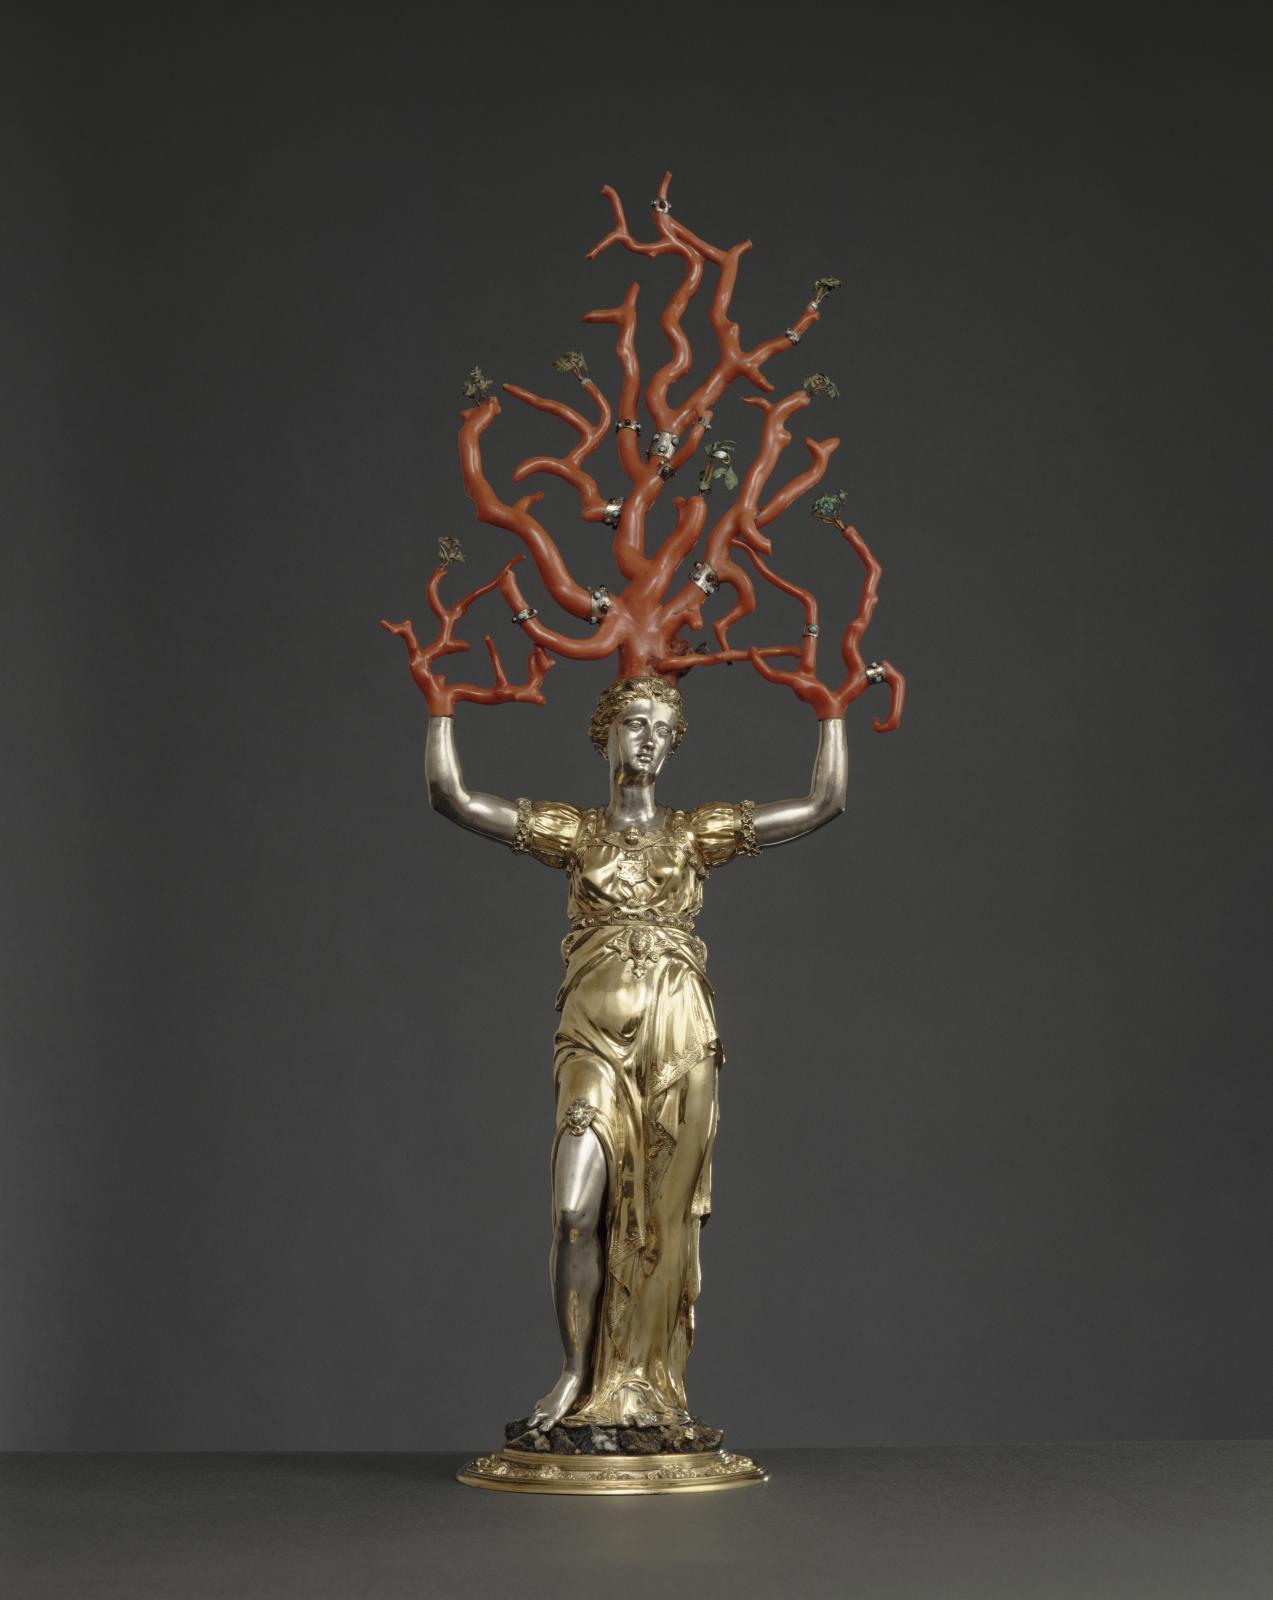 Wenzel Jamnitzer (1508-1585), Daphné, Nuremberg, XVIesiècle, argent, corail, dorure, 67,7x26cm. ©RMN-Grand Palais (musée de la Renaissance, châte